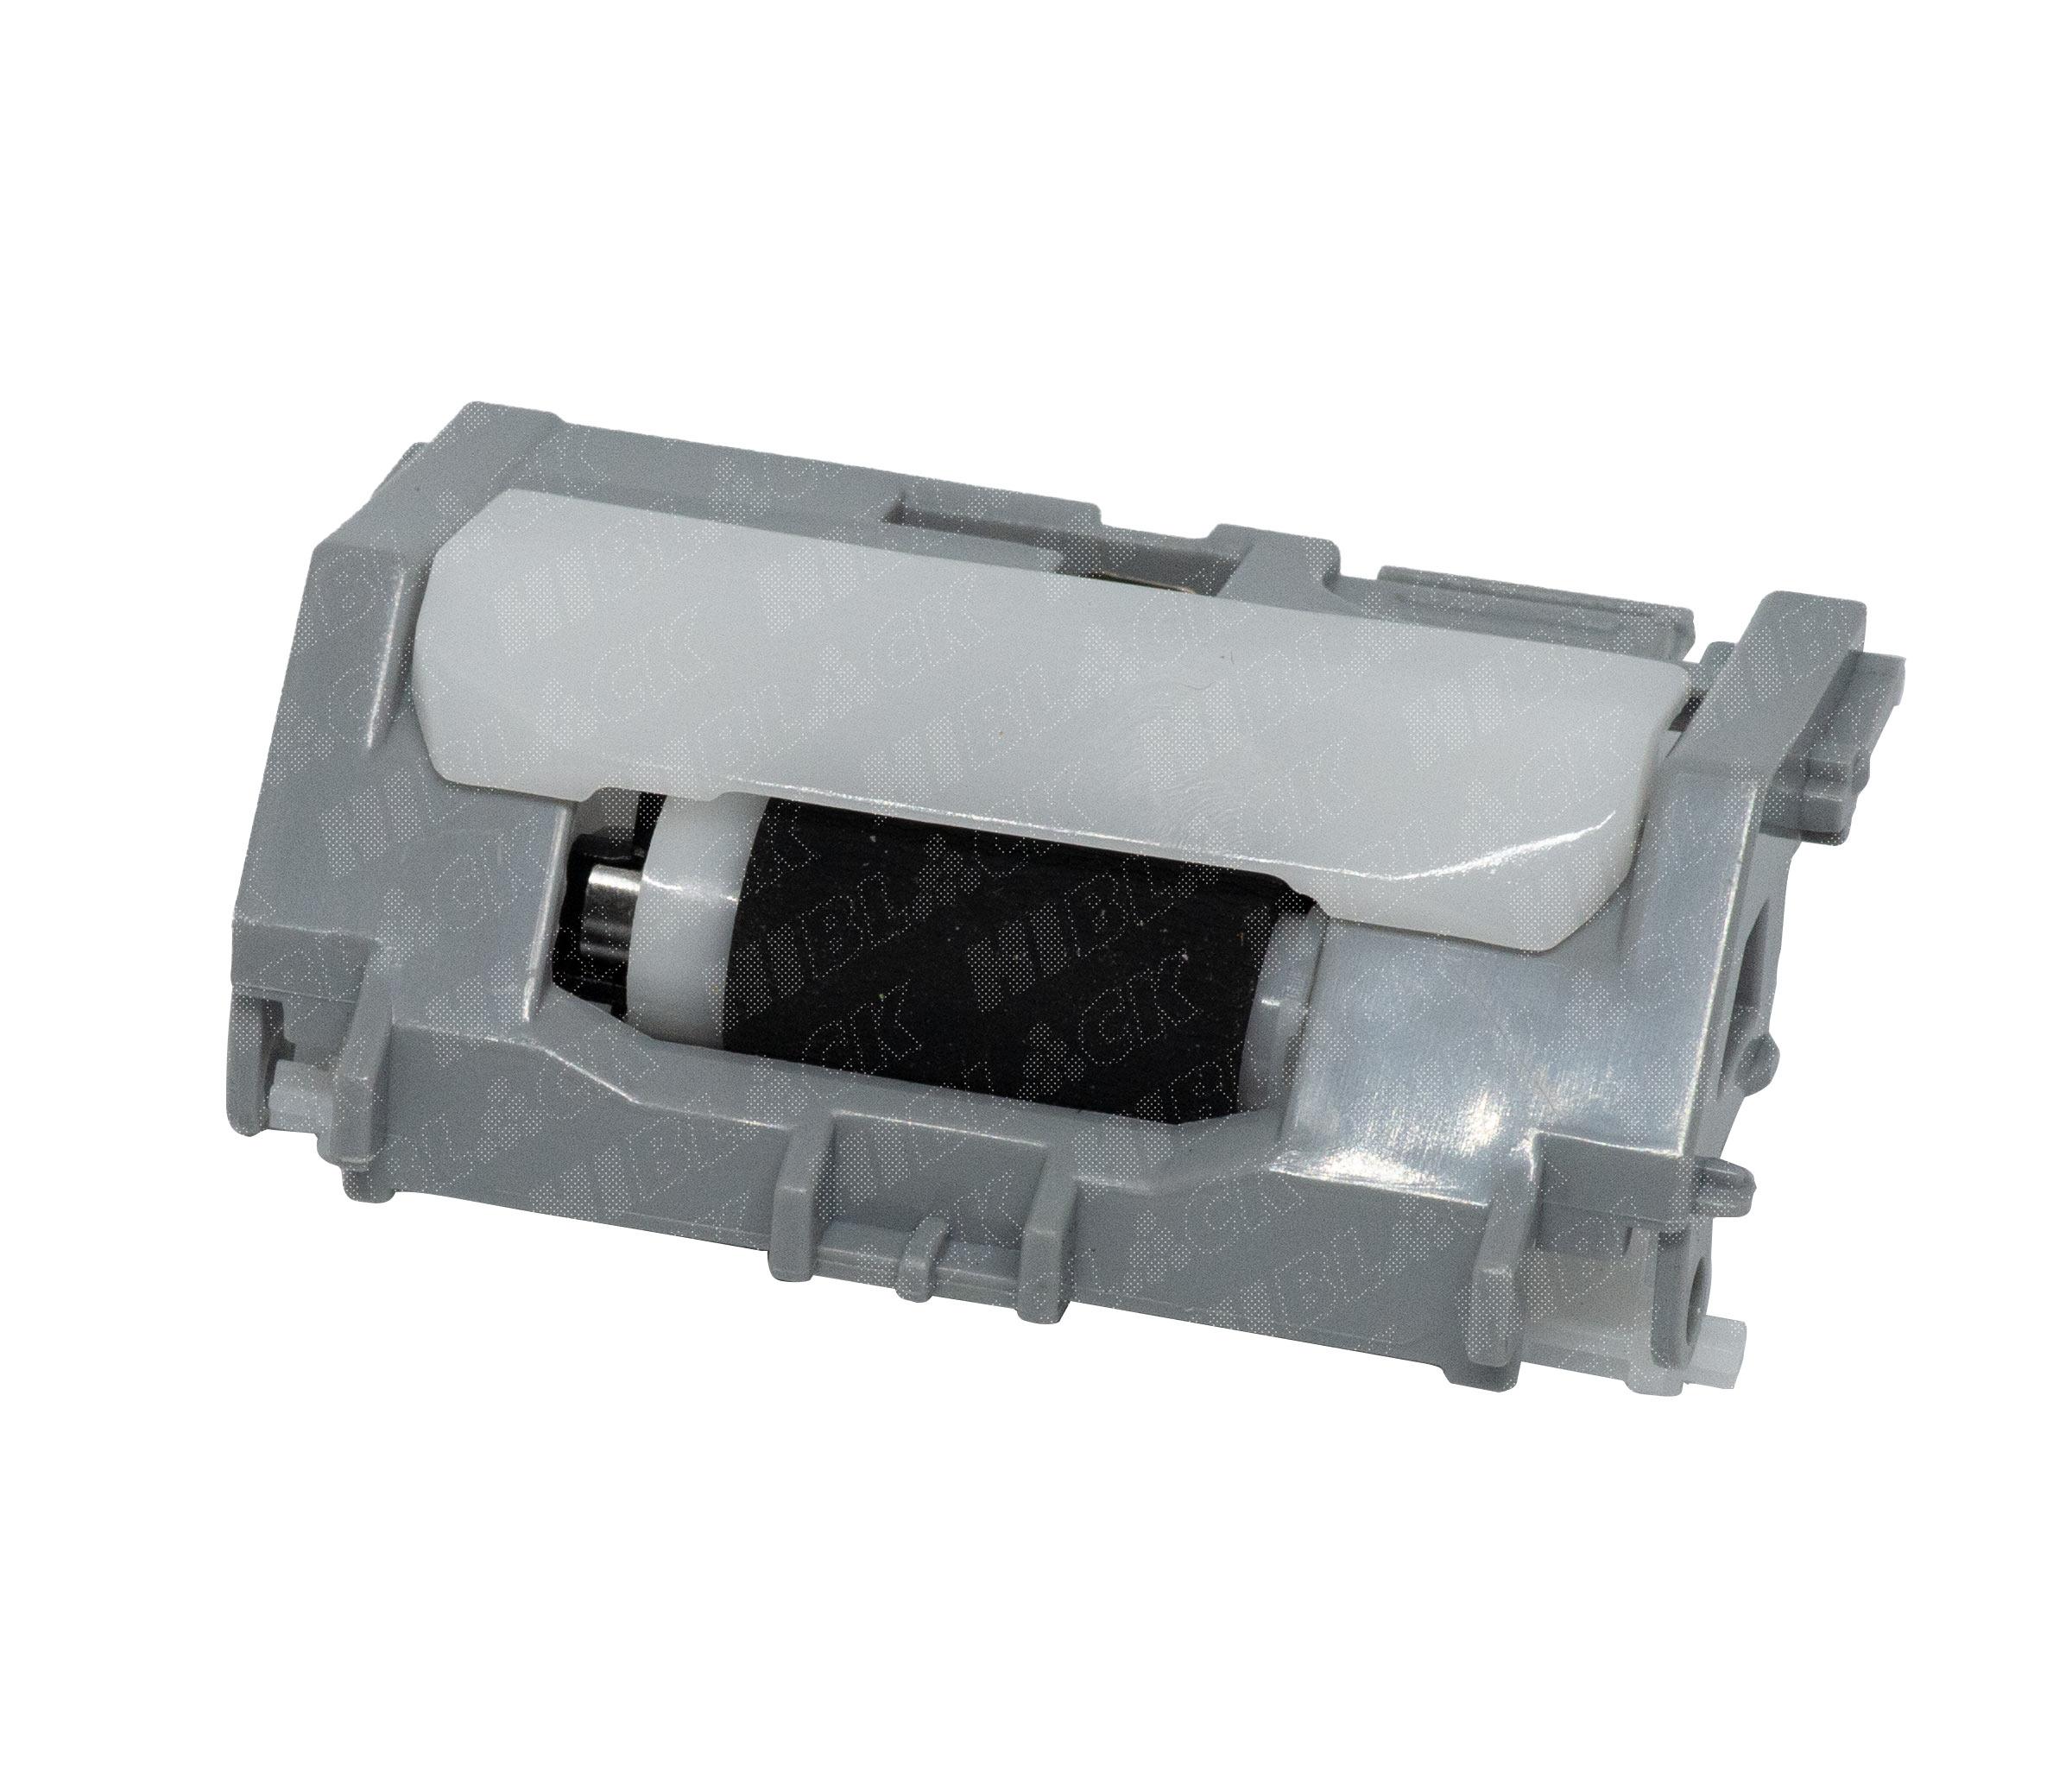 Ролик отделения (лоток 2) для HP LJ Pro M402/M403/M426/M427 (совм)